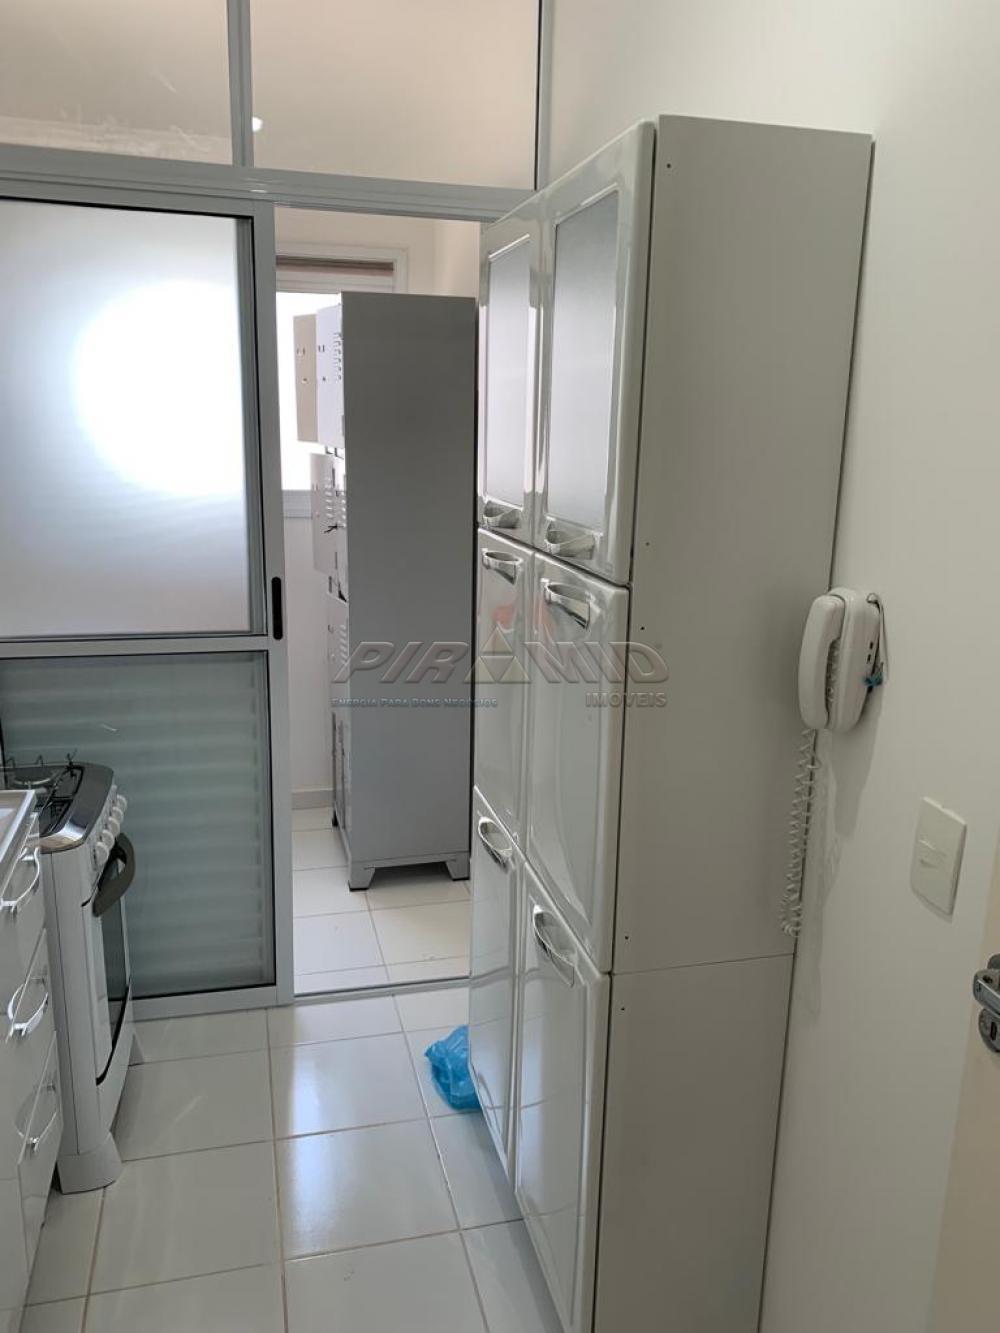 Alugar Apartamento / Padrão em Ribeirão Preto apenas R$ 2.050,00 - Foto 8